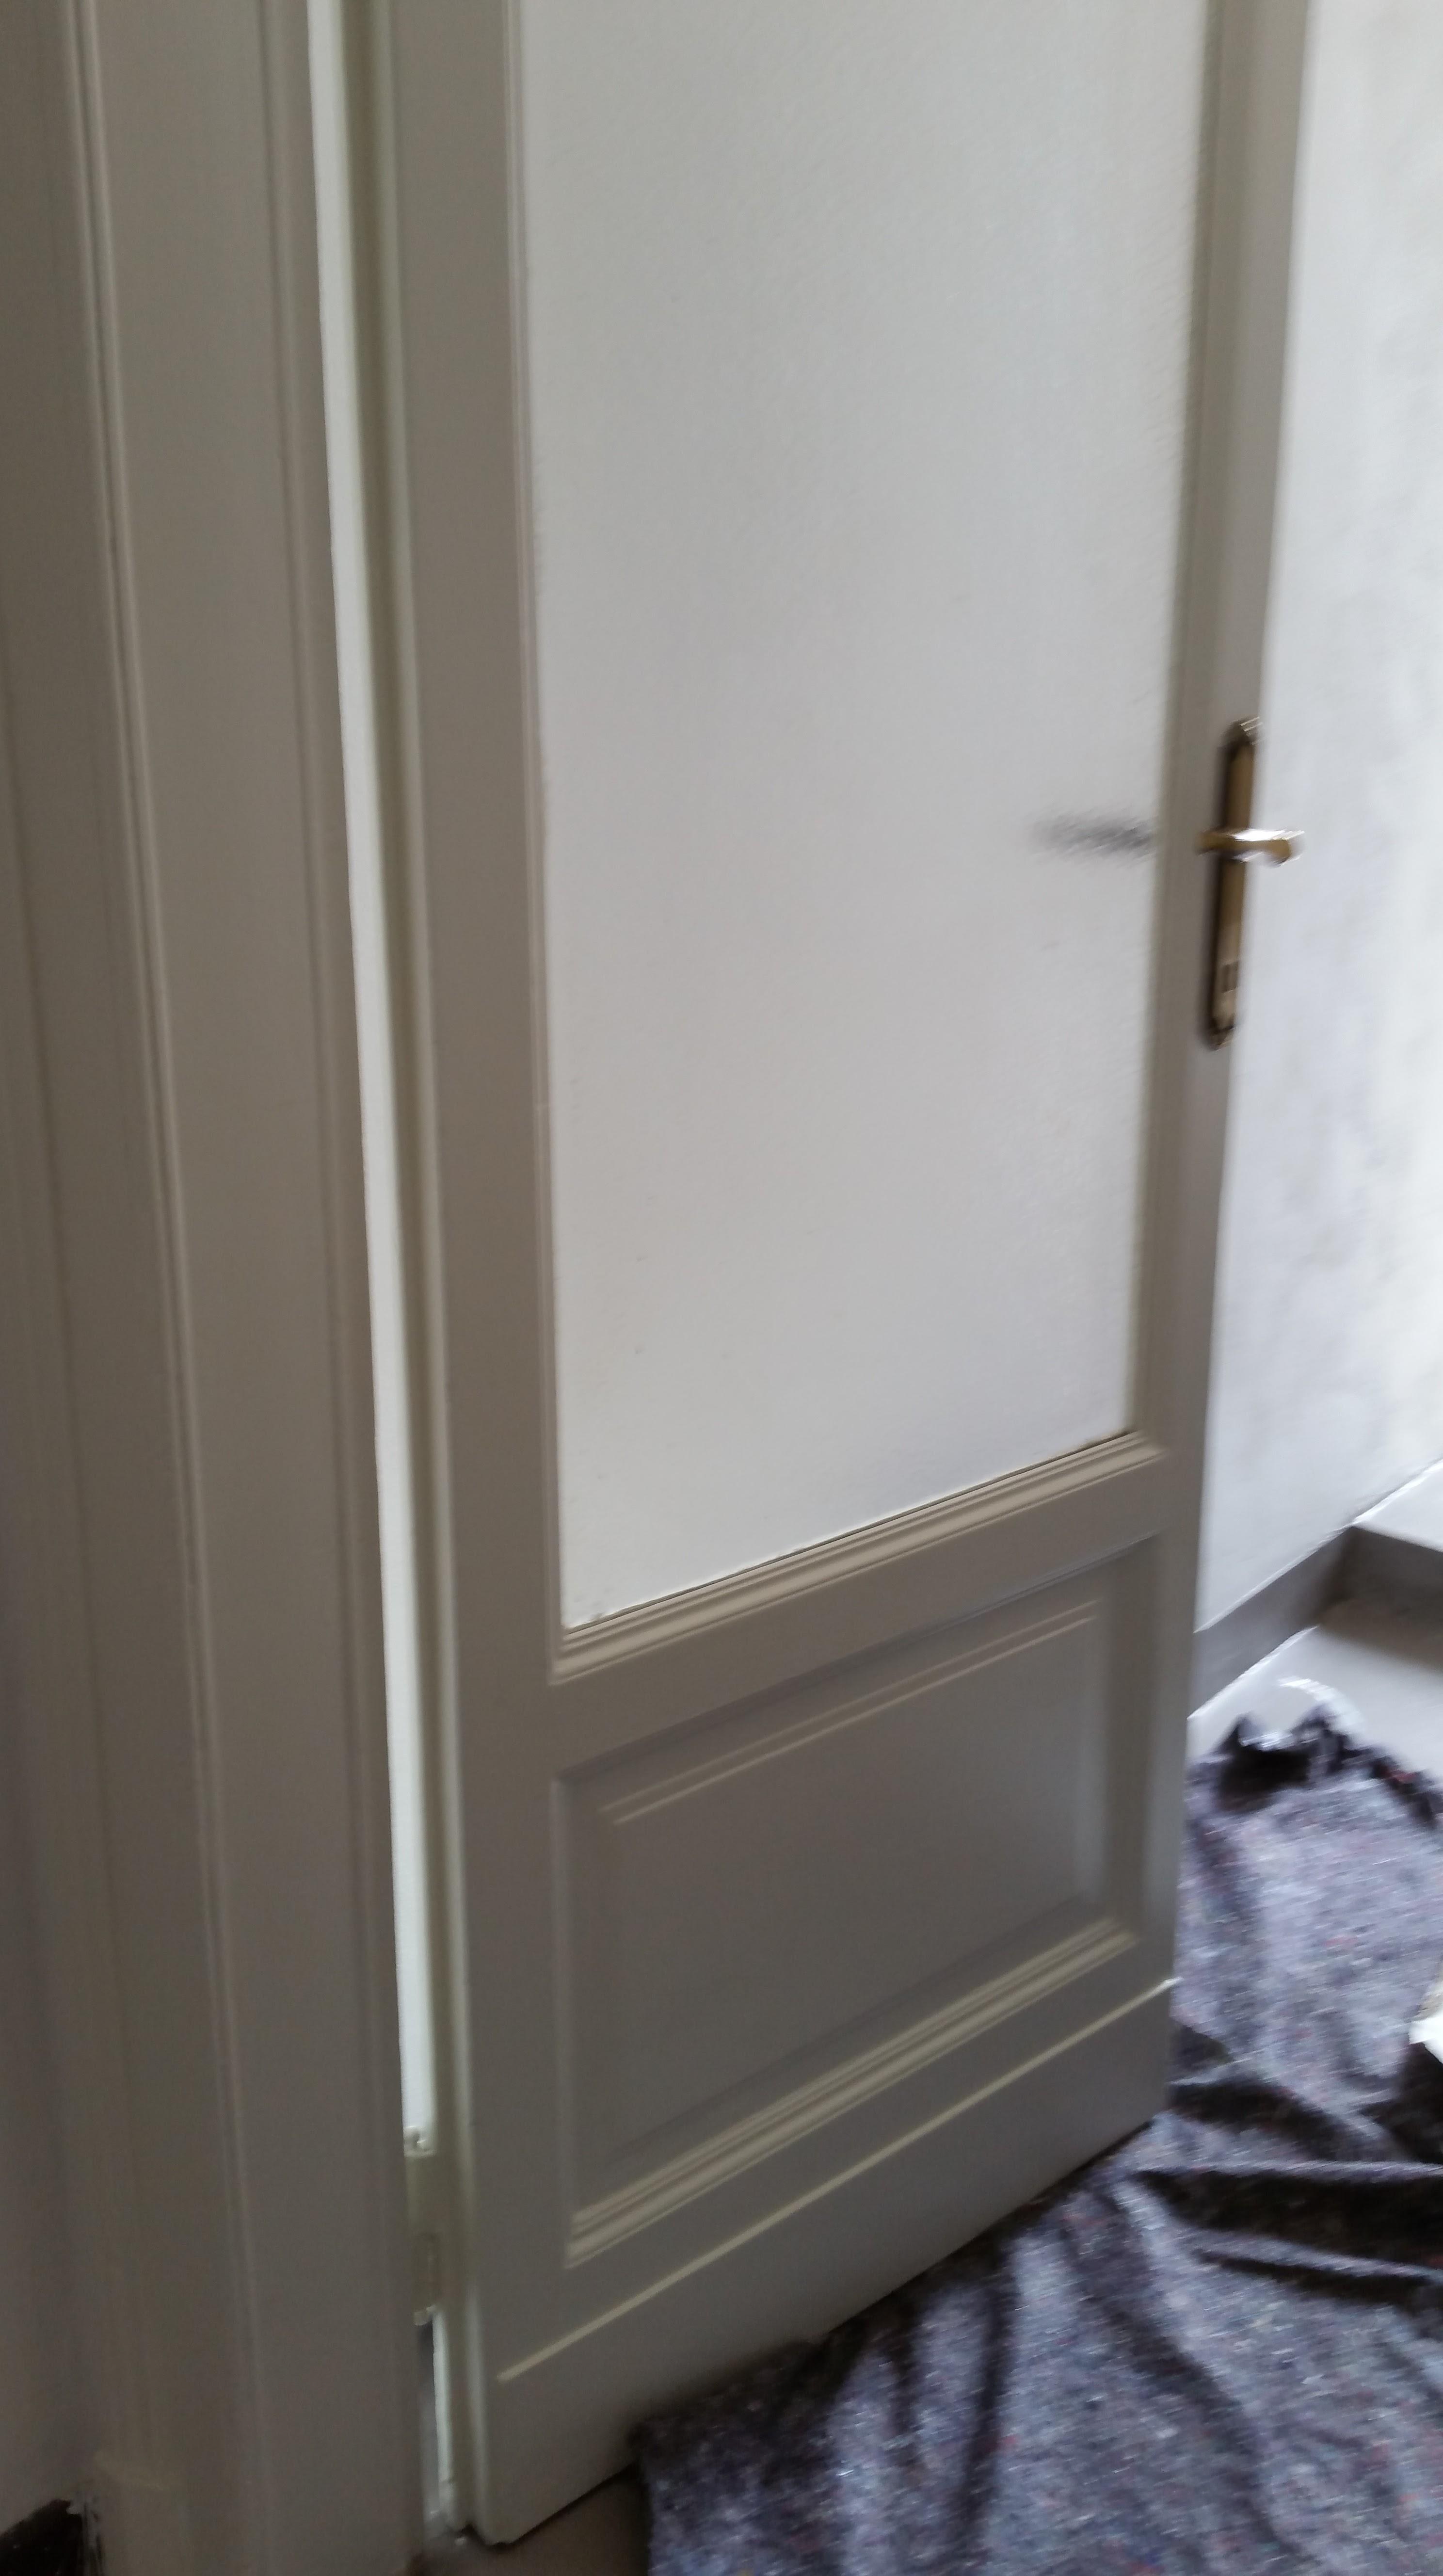 Dipingere le porte simple il portoncino blindato with dipingere le porte stunning le porte - Verniciare porte in legno ...